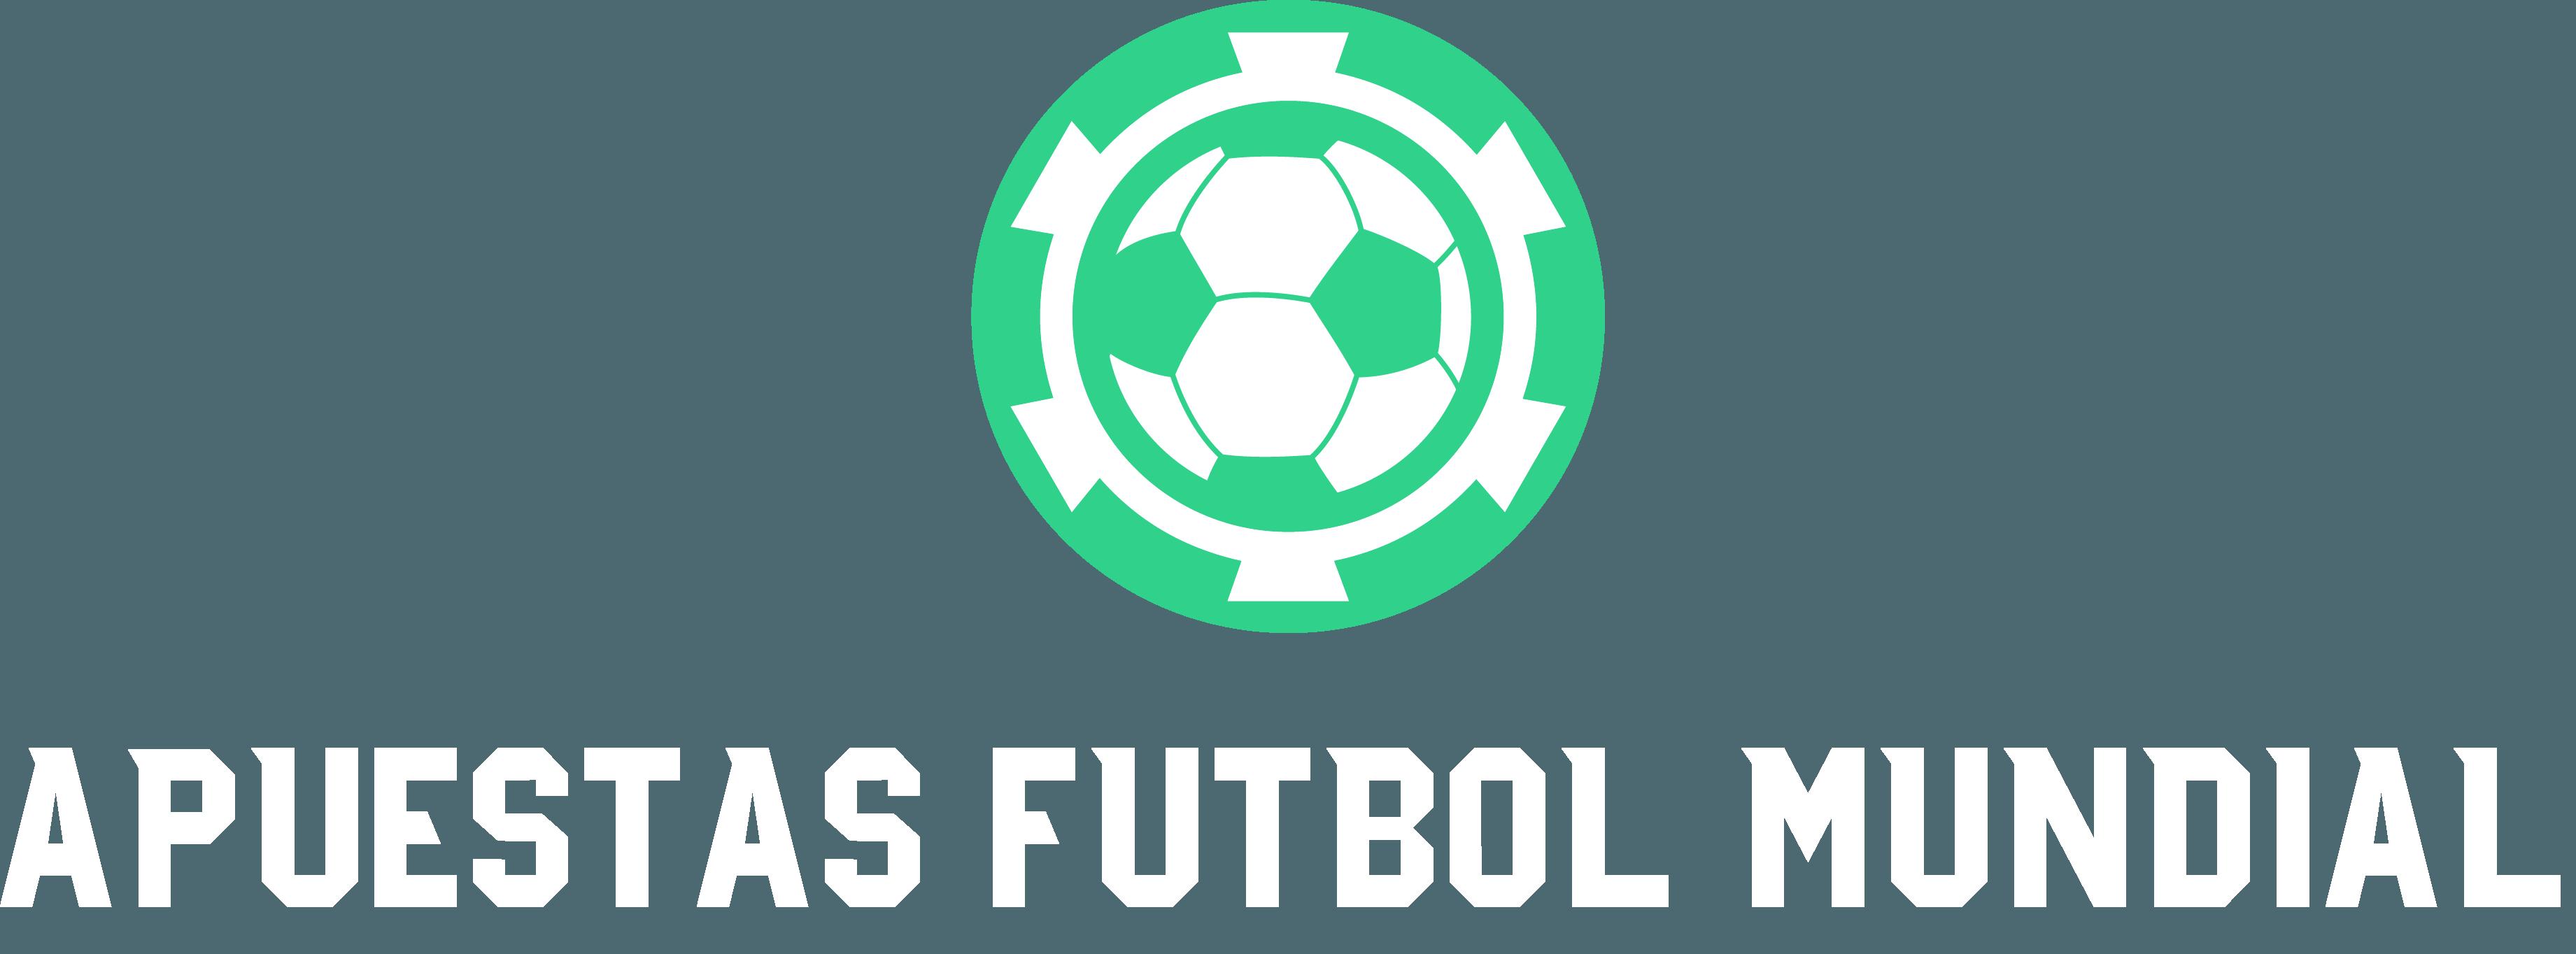 Apuestas futbol mundial